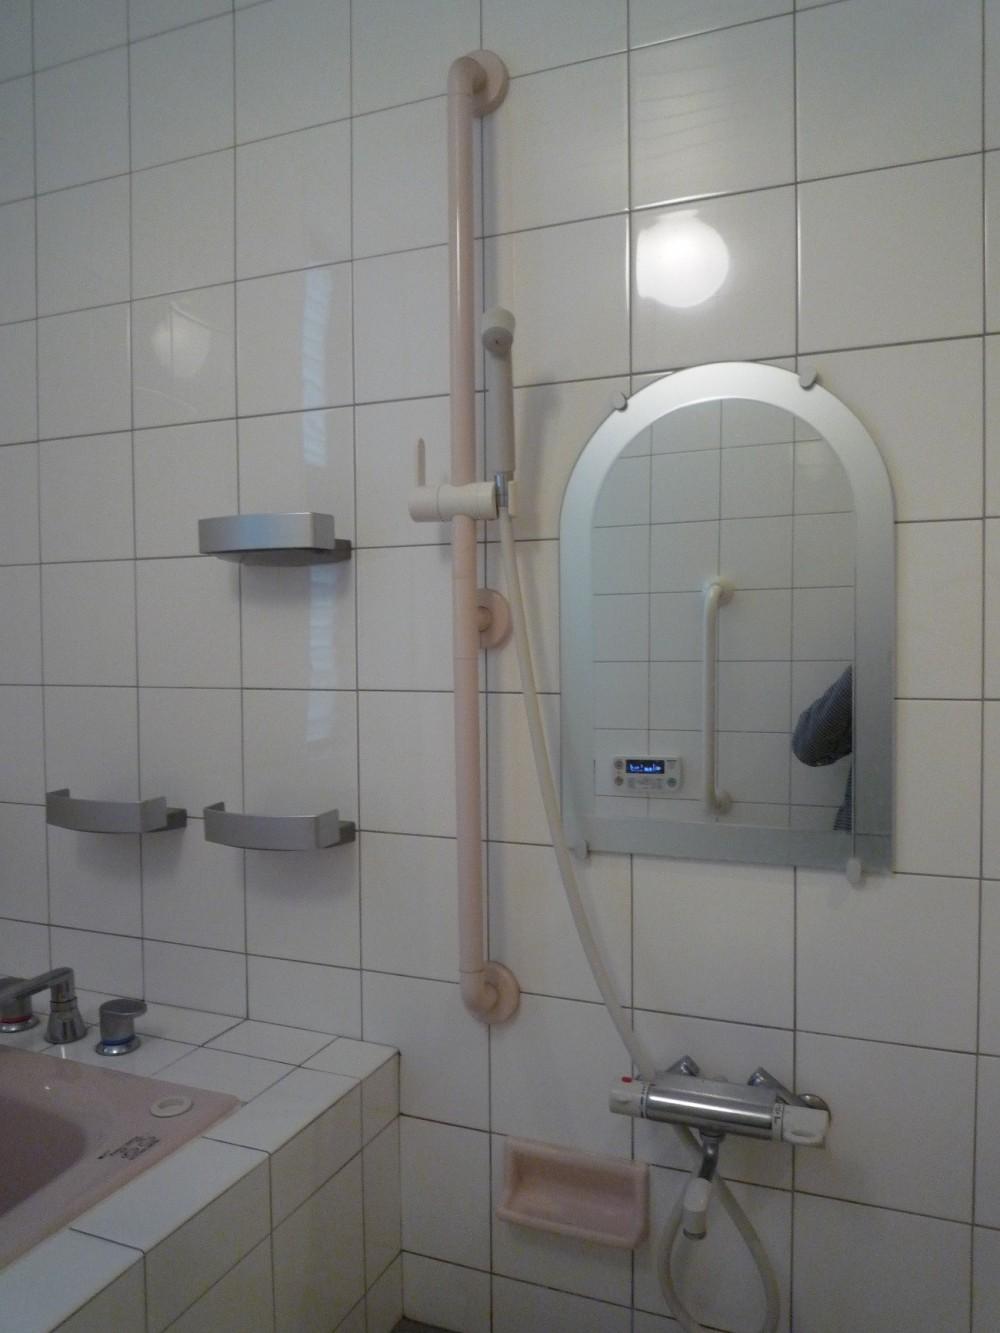 平屋に住まう:夫婦二人に ちょうどいいシンプルな住まい (浴室の洗い場:バリアフリー対策)